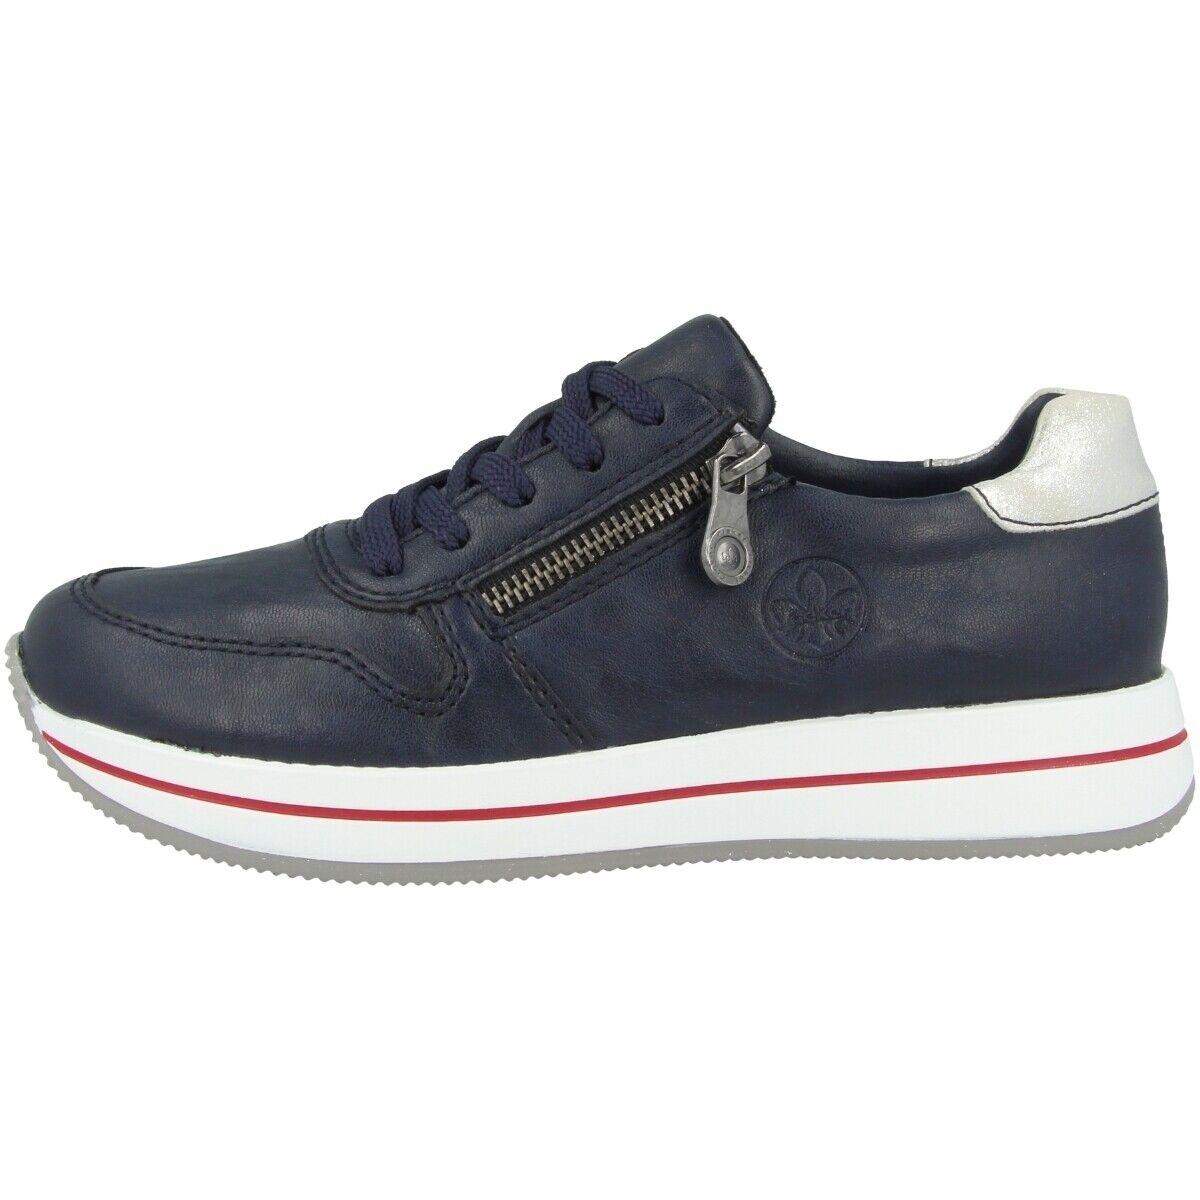 Rieker N4530-14 Schuhe damen Damen Turnschuhe Antistress Halbschuhe Schnürschuhe